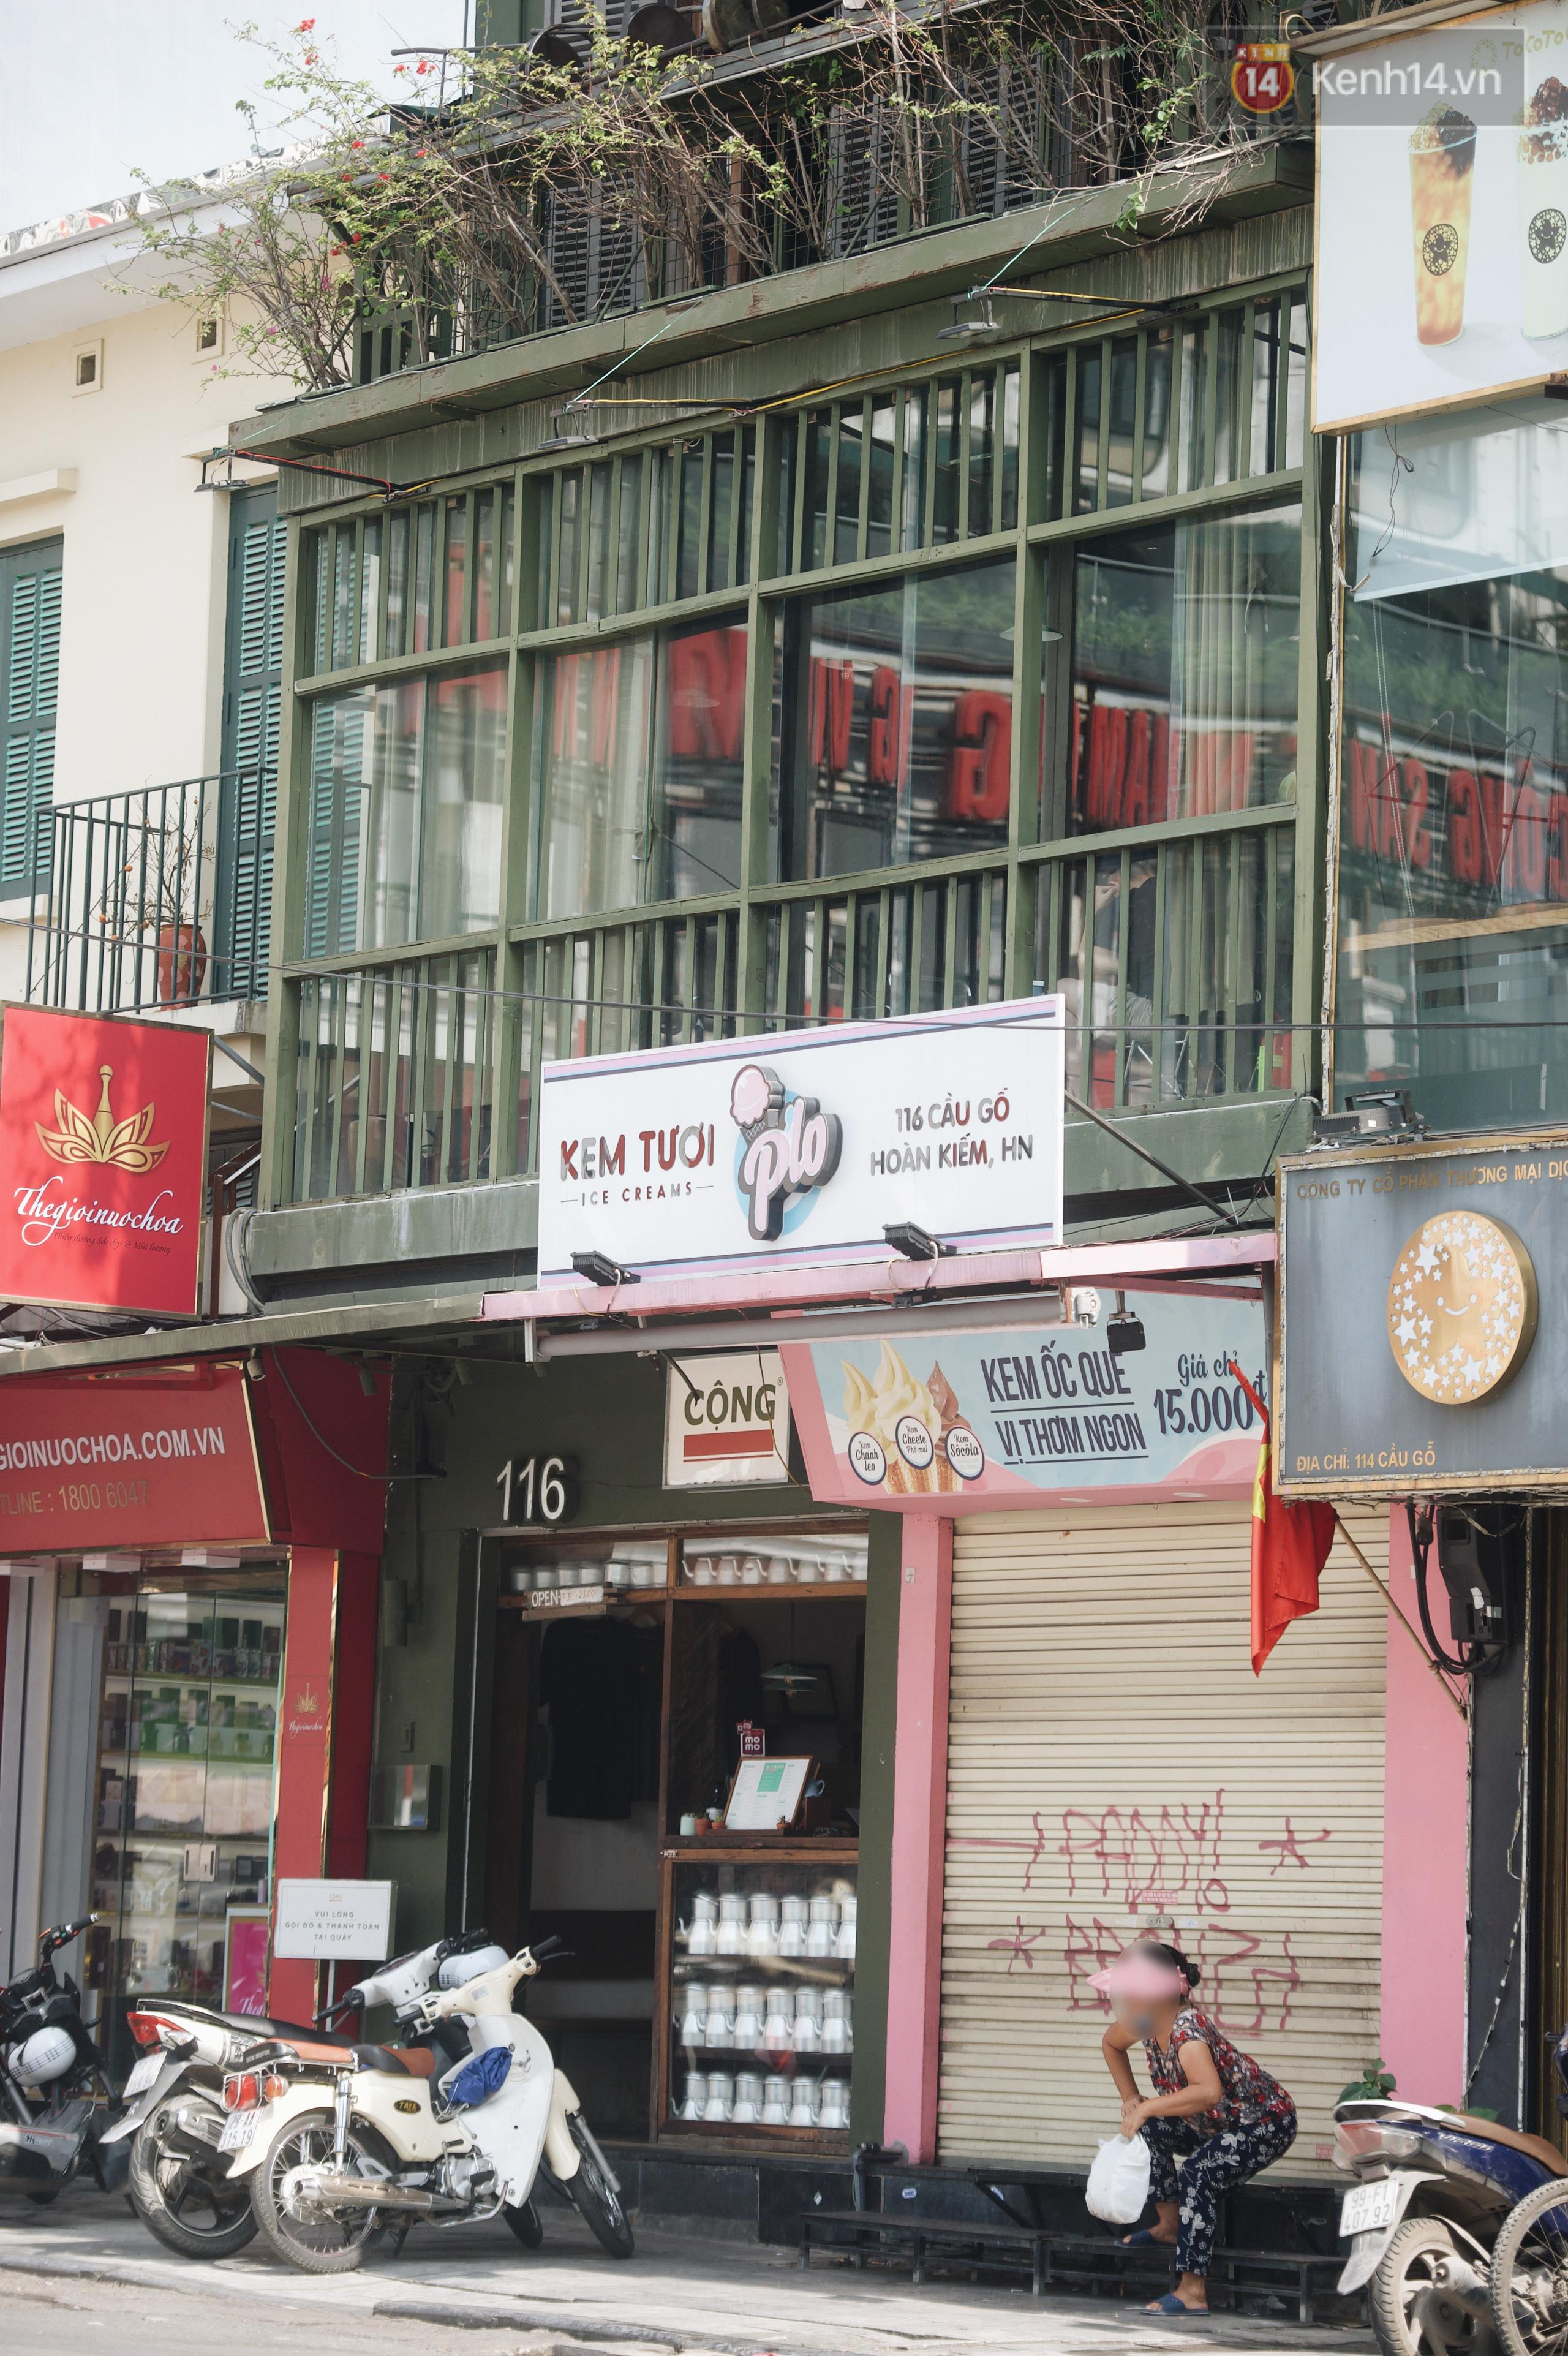 Phố xá Hà Nội ngày đầu toàn dân đi làm trở lại: Lác đác hàng ăn sáng mở cửa, cà phê hiếm bóng người - Ảnh 6.